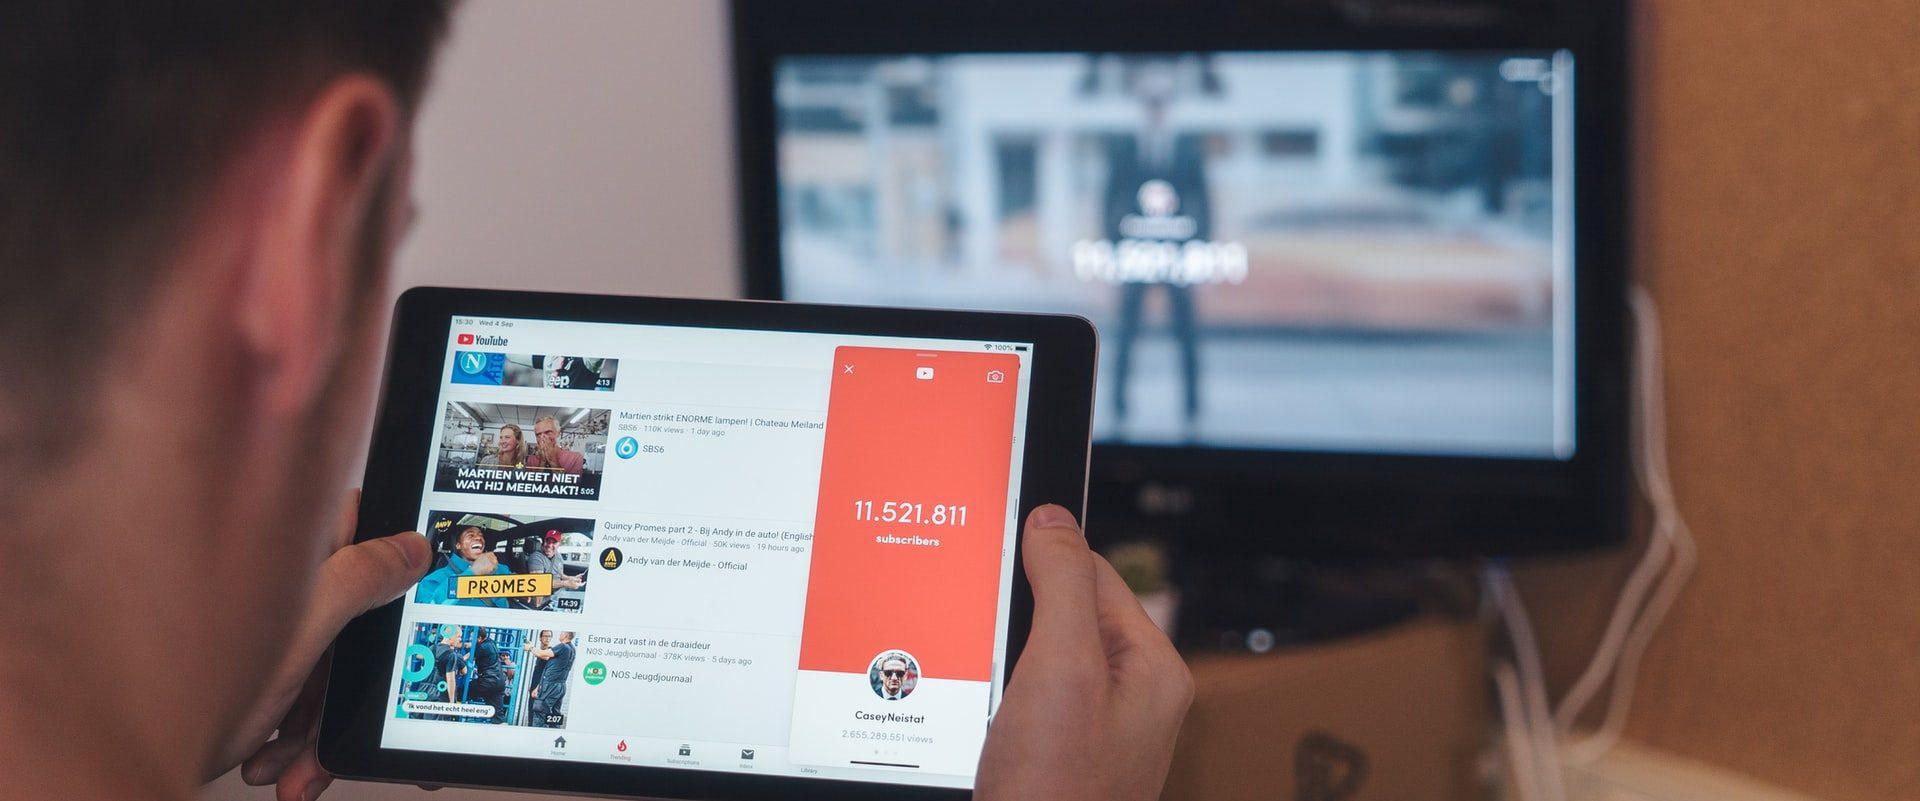 Guide Youtube pour gagner de l'argent - Sujets qui permettent de gagner de l'argent sur YouTube